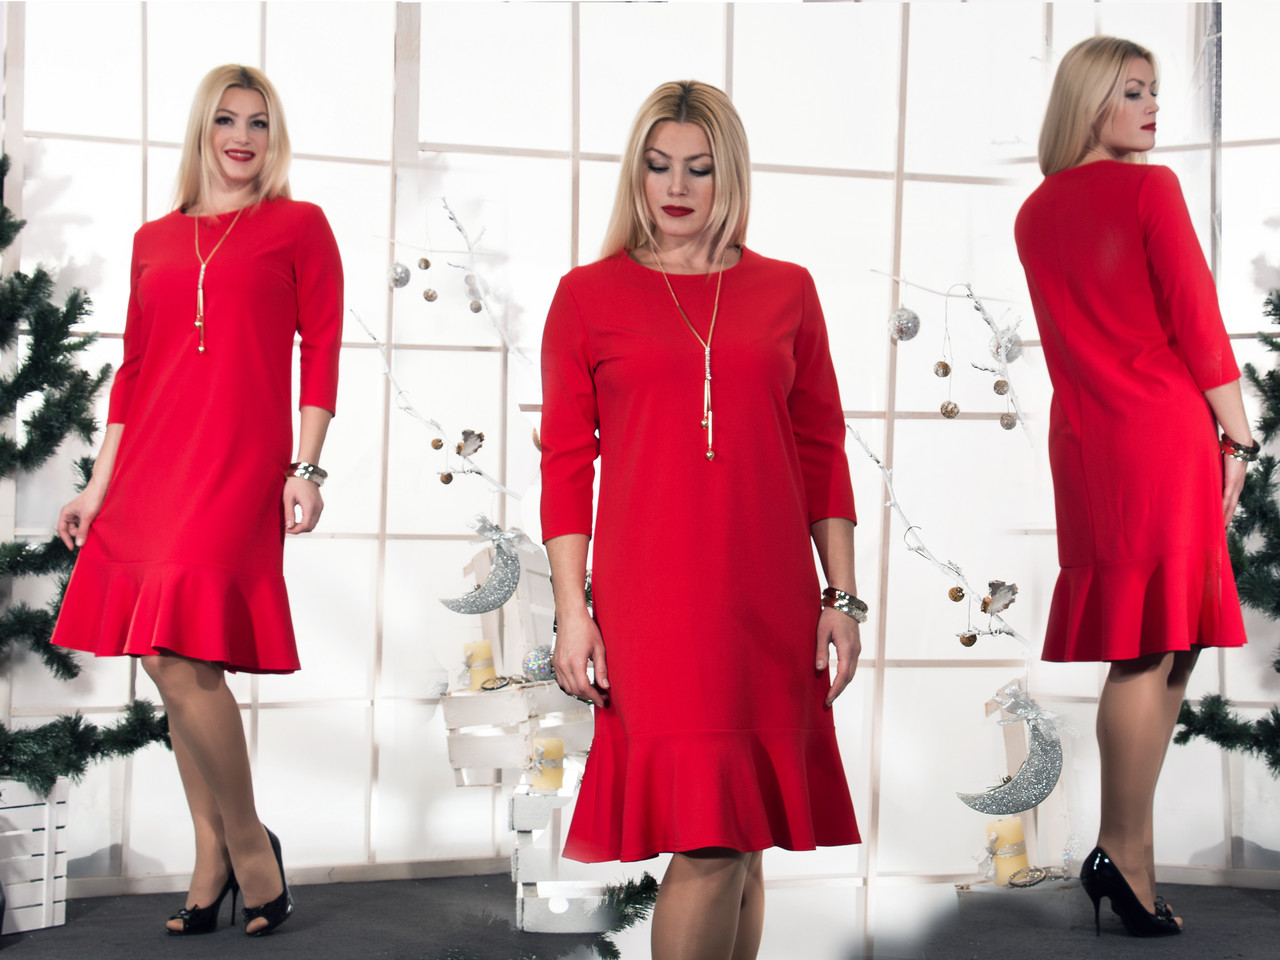 804529c7e4a2 Женское красное платье Волан(46-60) 8158, цена 440 грн., купить в ...